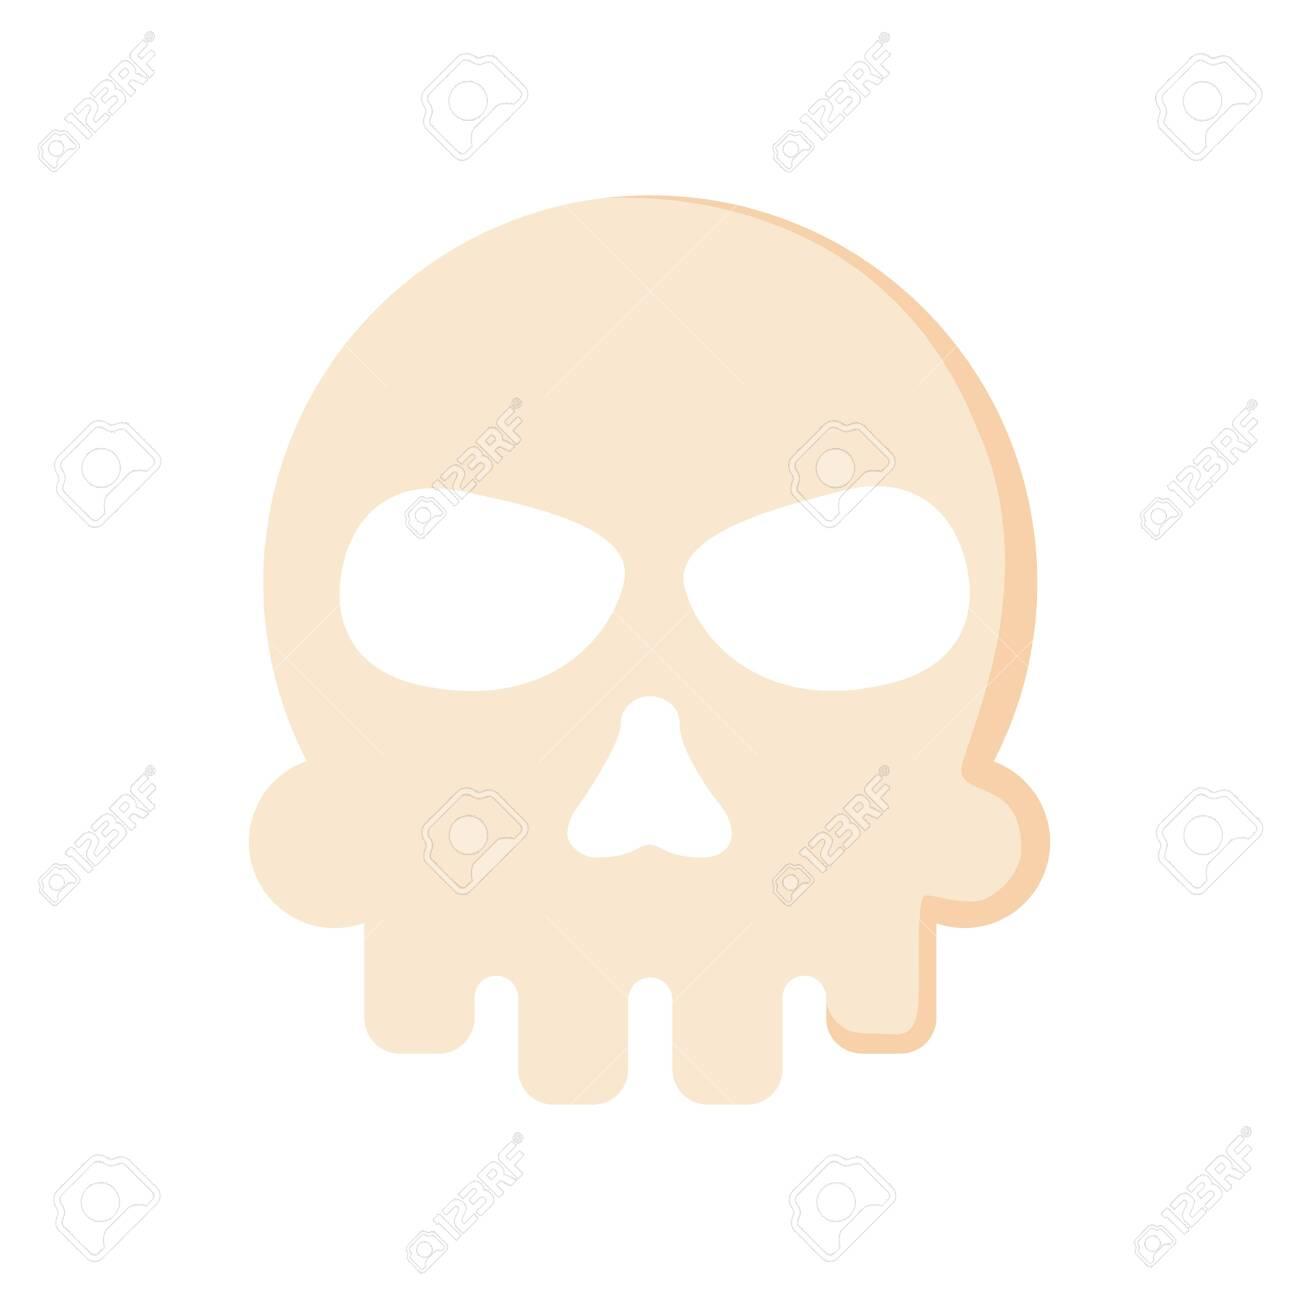 Extreme skull isolated icon. - 132207298